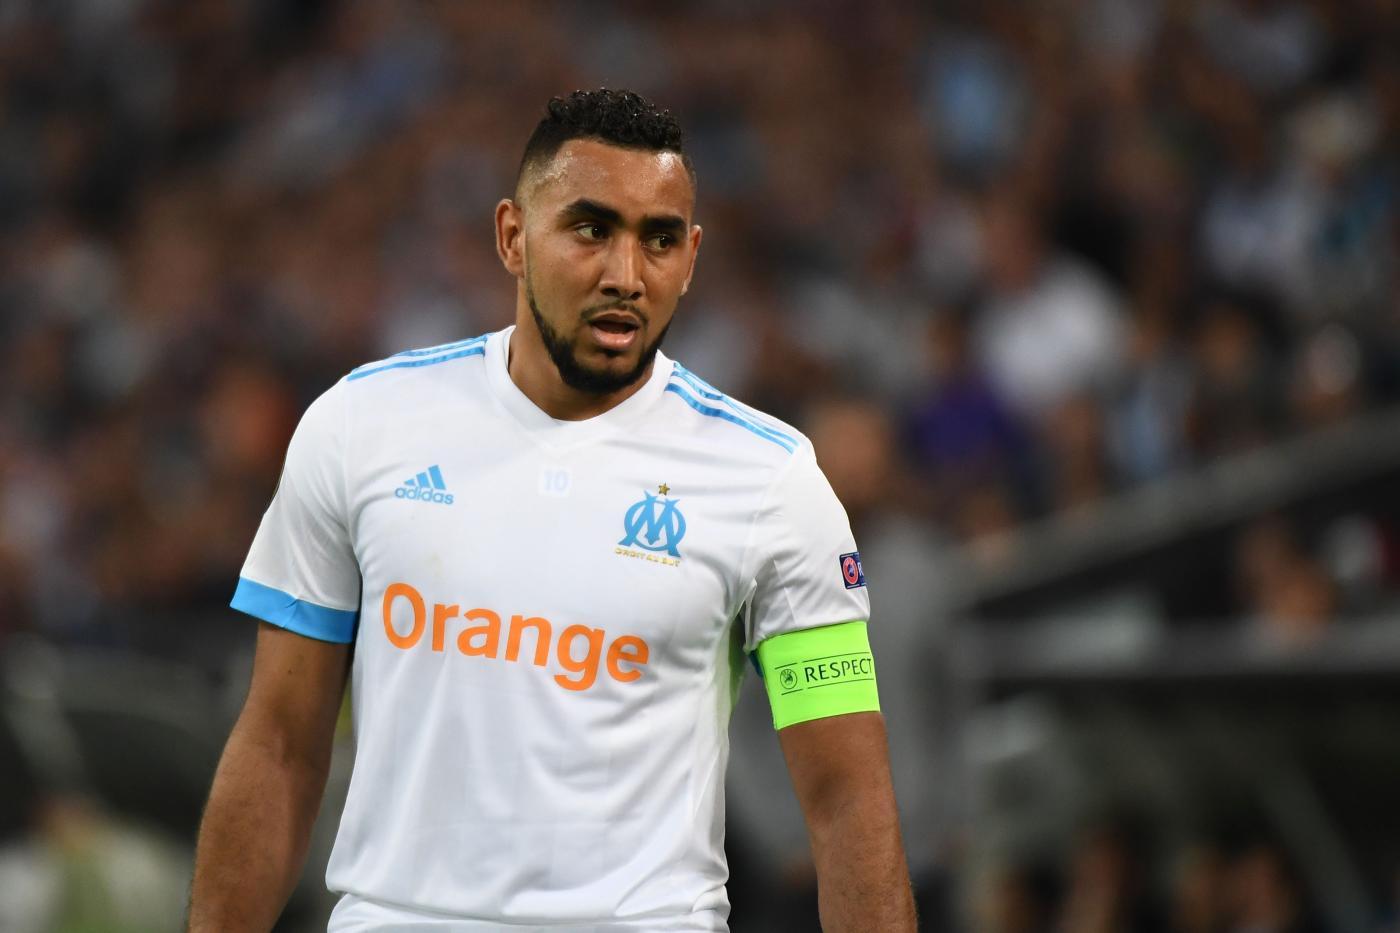 Europa League, Marsiglia-Francoforte 20 settembre: analisi e pronostico della giornata della fase a gironi della seconda competizione europea